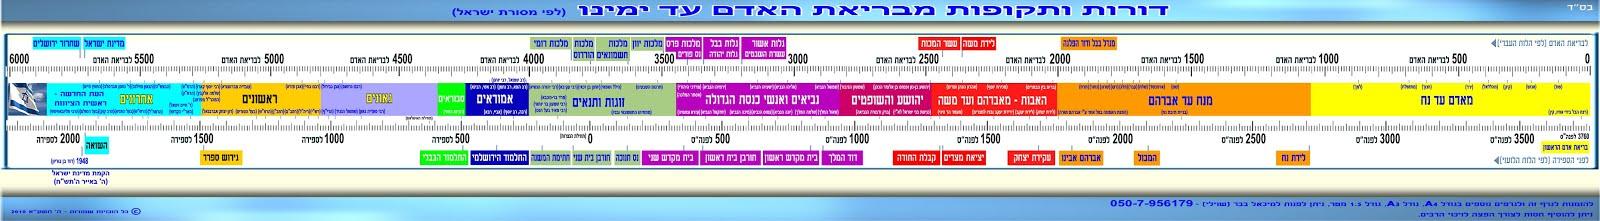 סרגלי ציר הזמן היהודי - דורות ותקופות מבריאת האדם עד ימינו